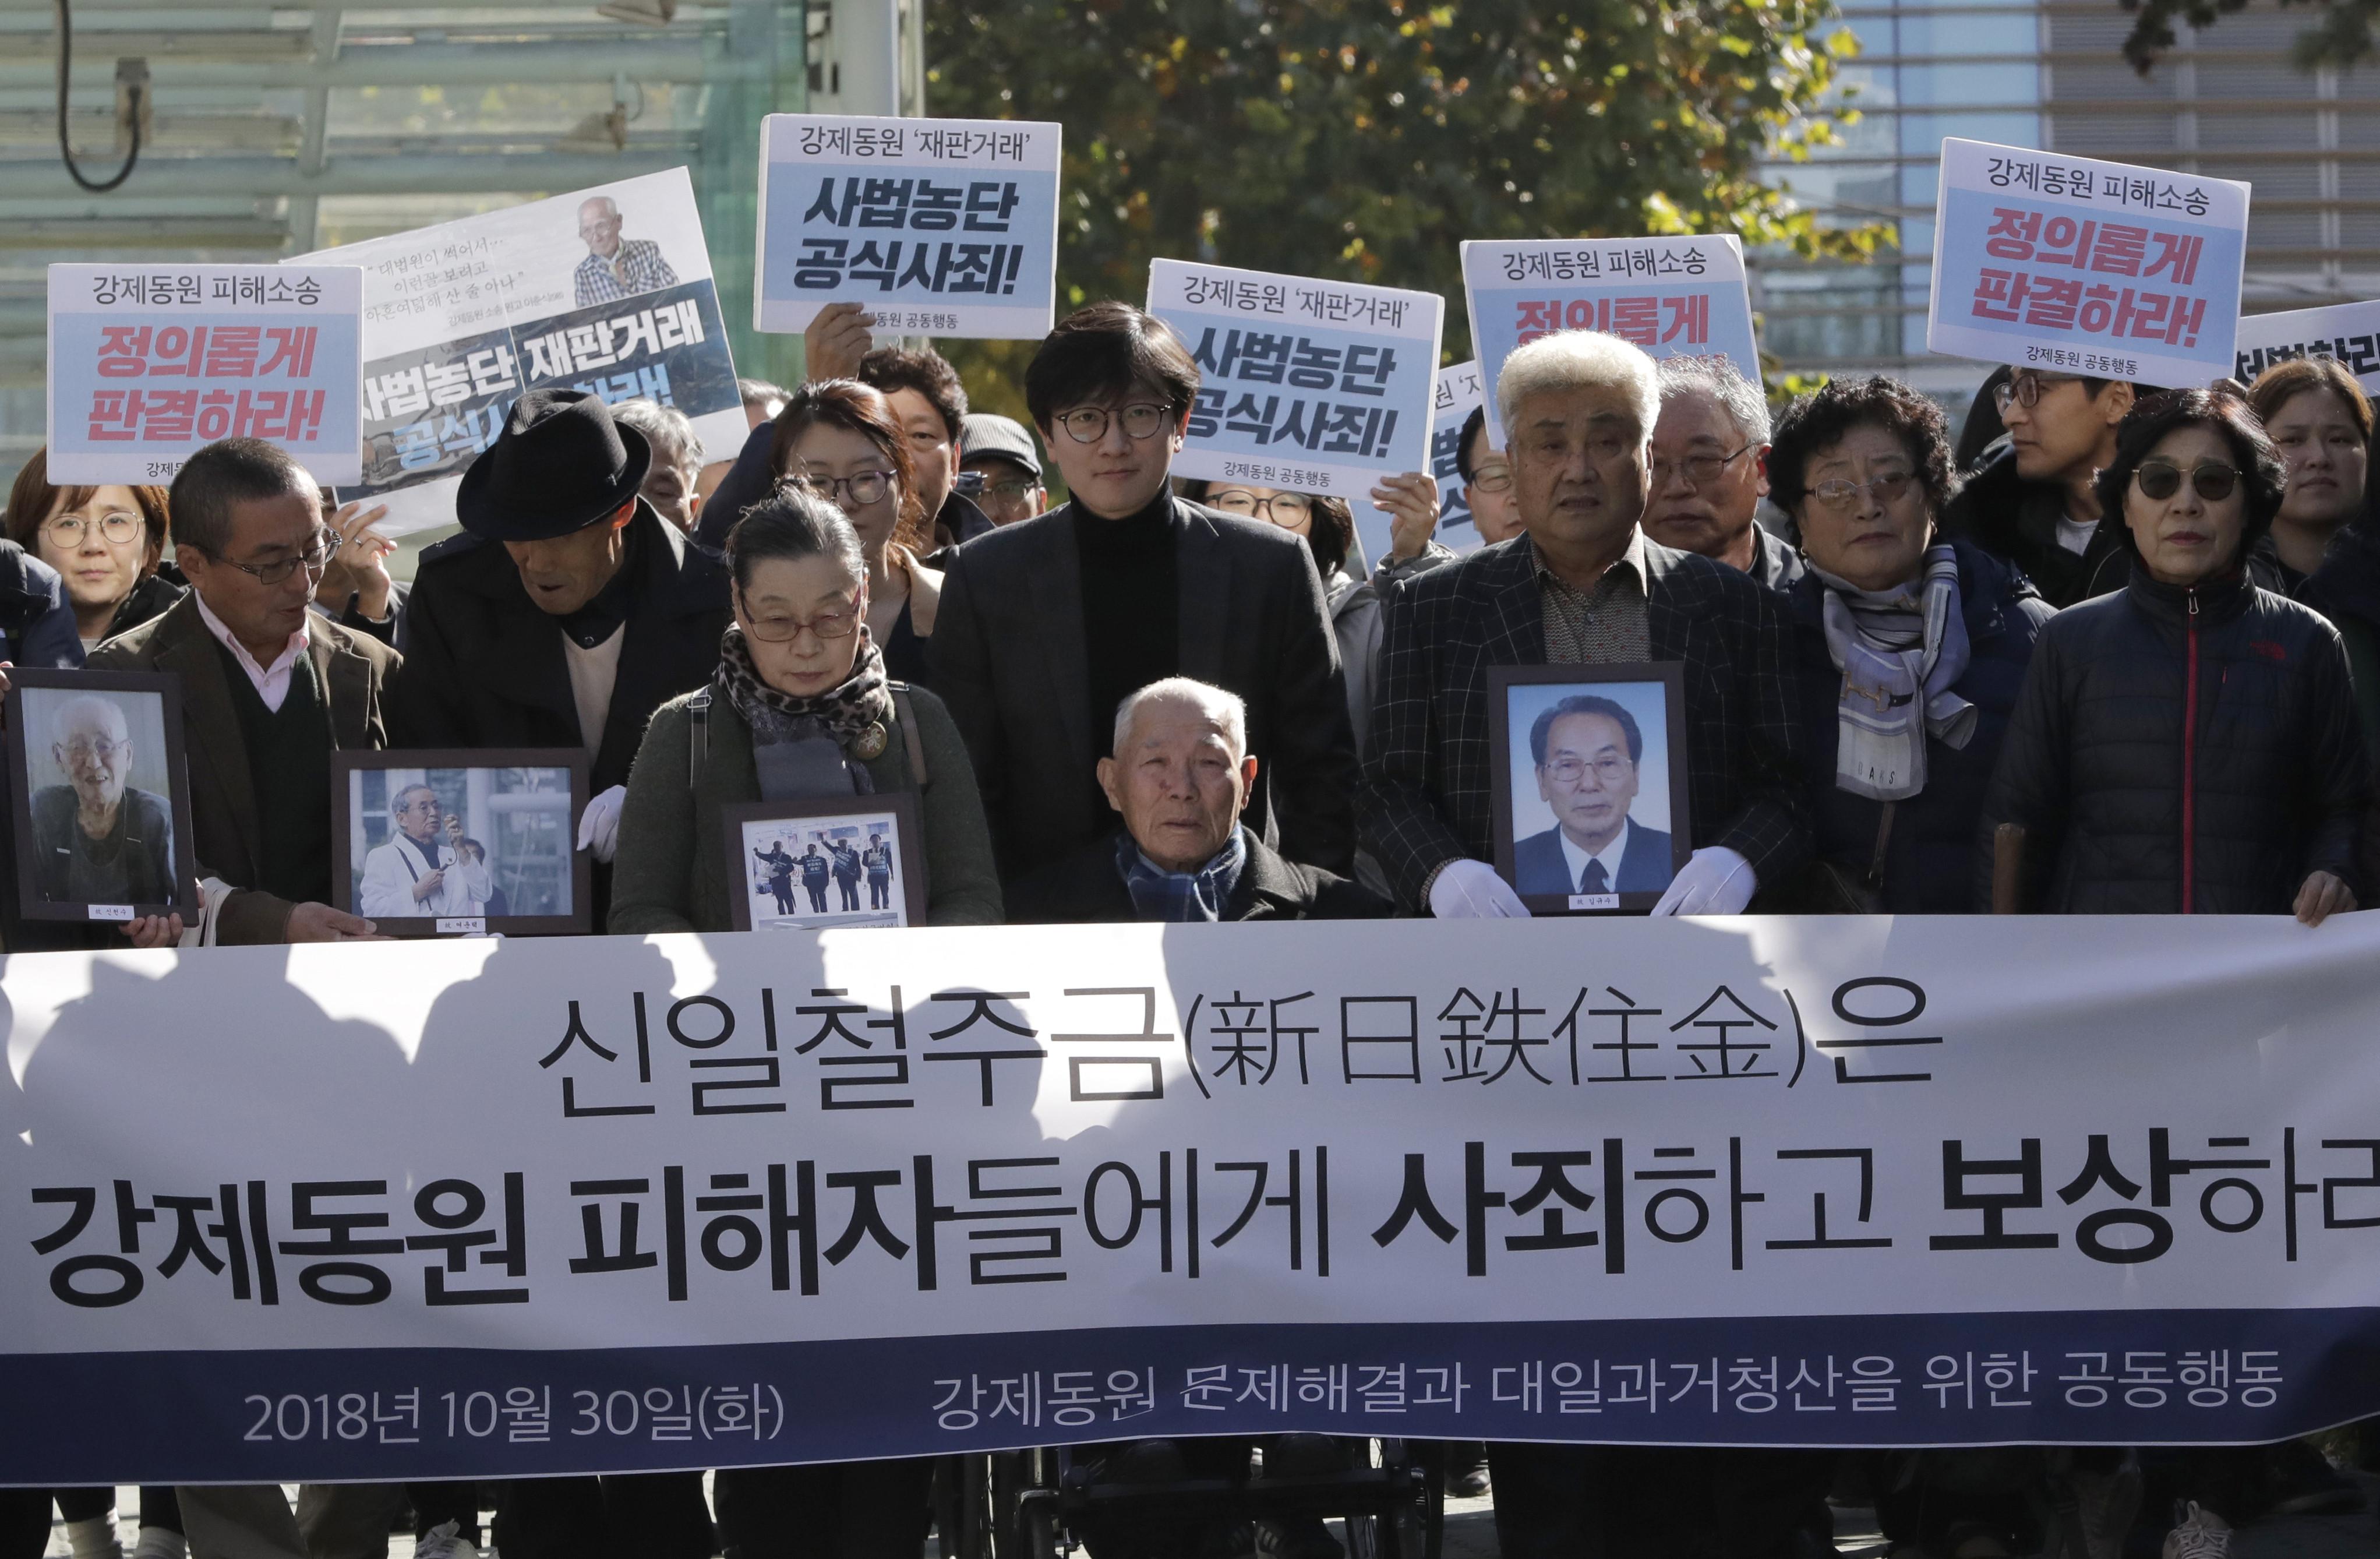 ▲94歲的韓國徵用工案受害者李春植(Lee Chun-sik,音譯)2018年10月30日來到首爾最高法院外抗議。(圖/達志影像/美聯社)